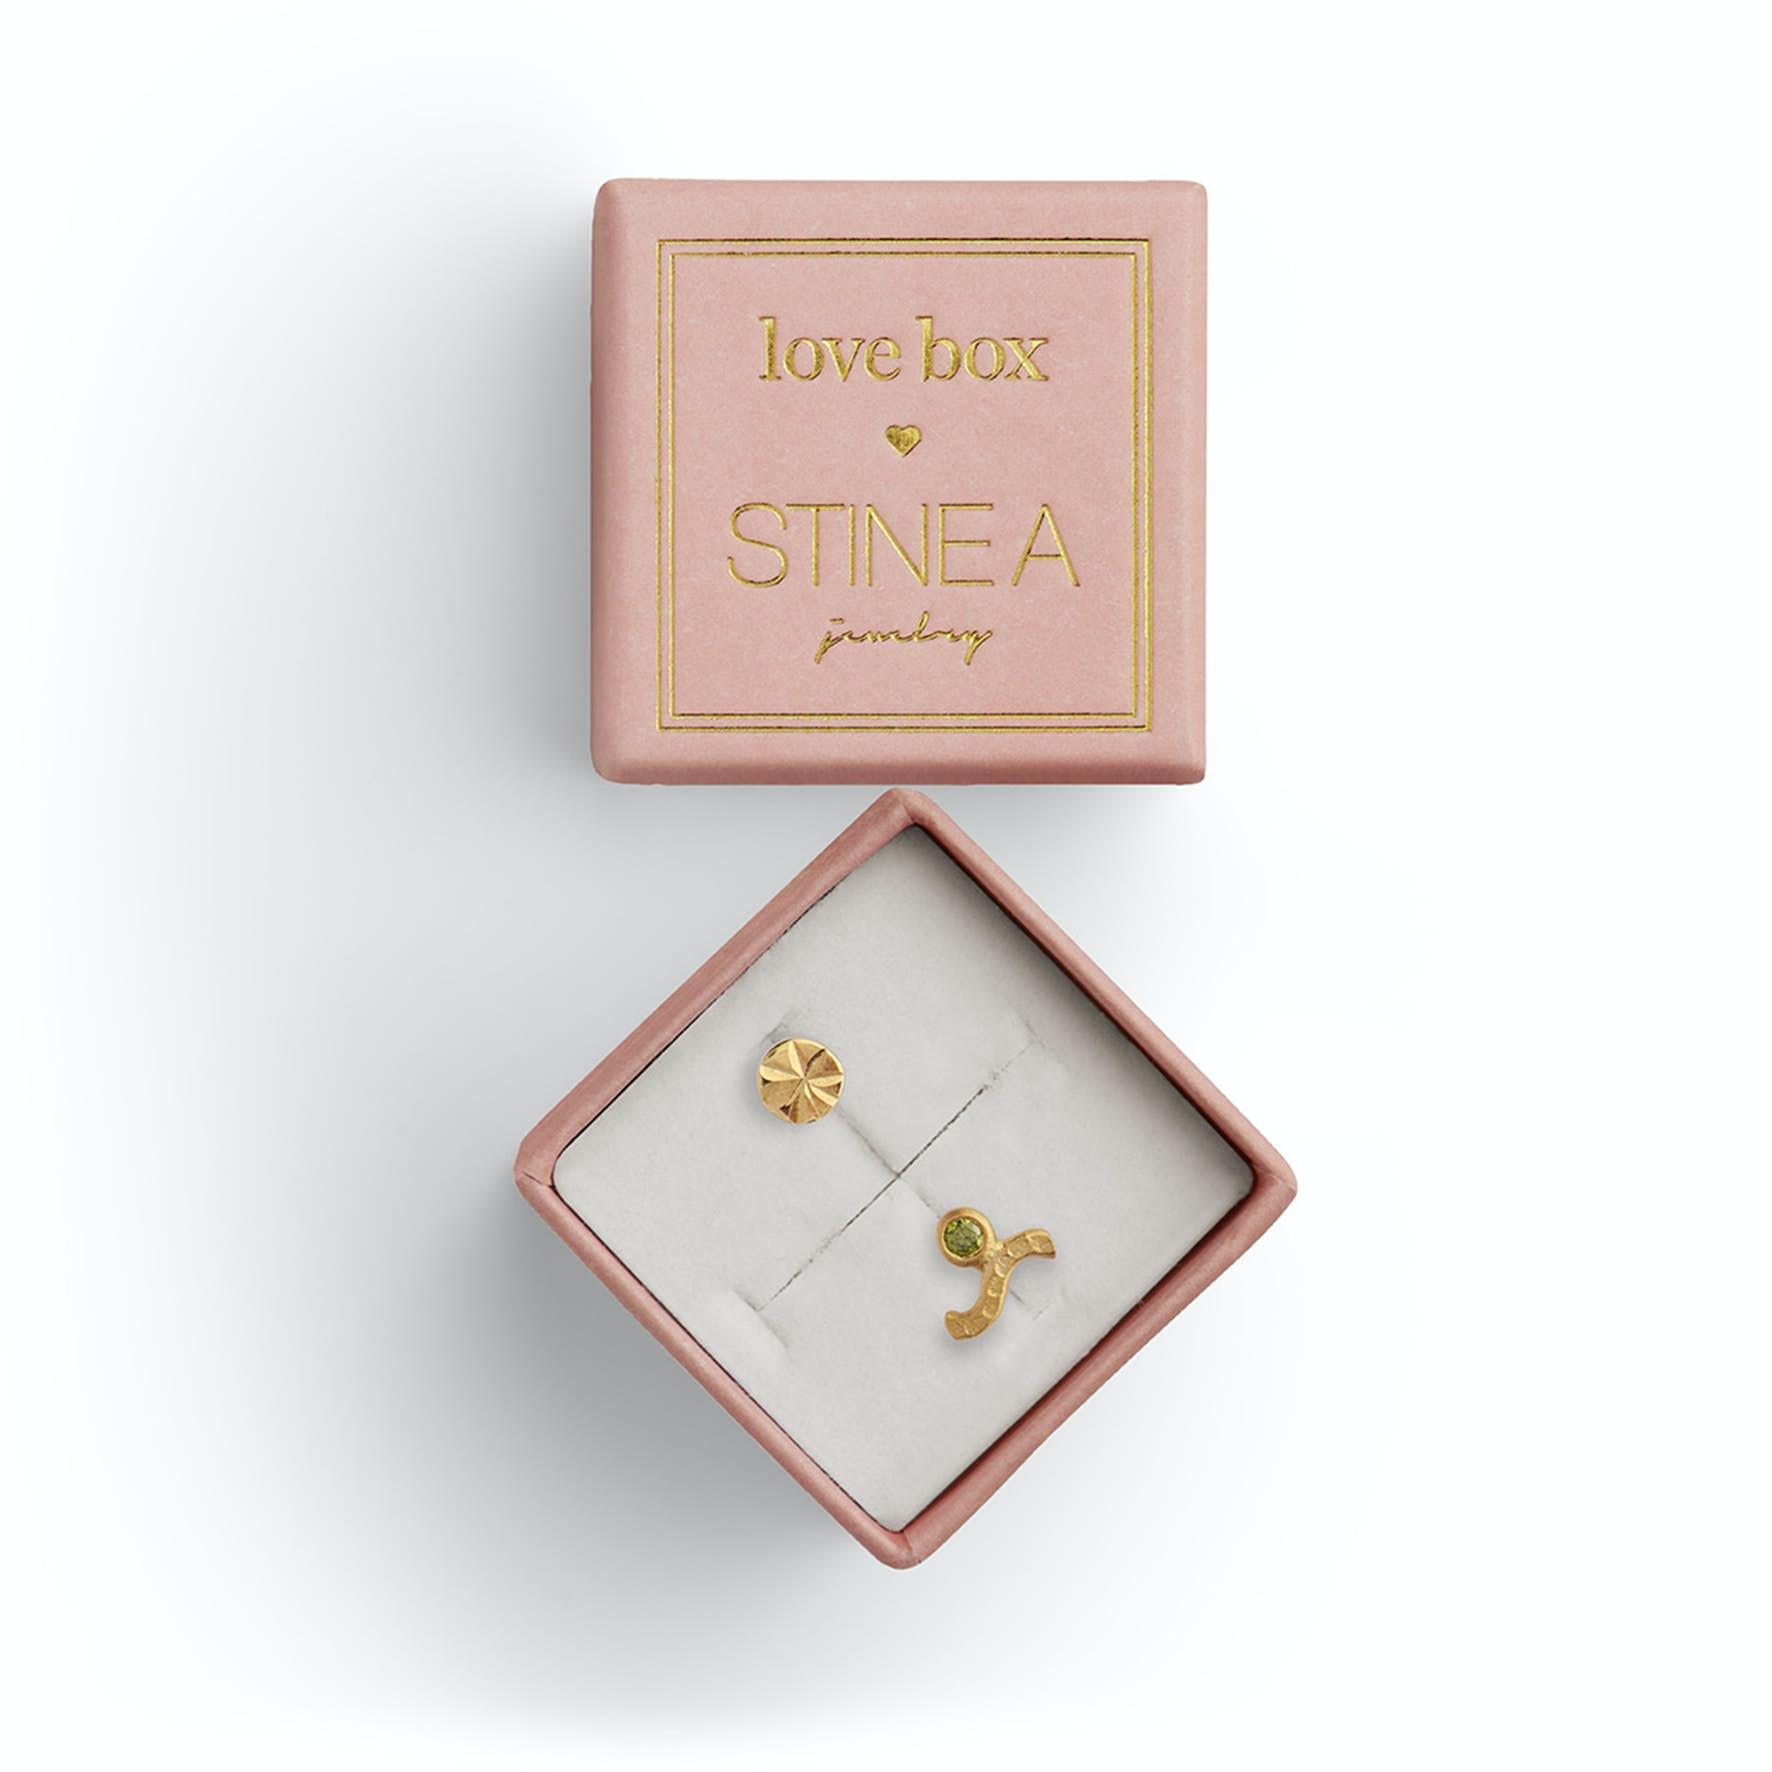 Love Box 67 fra STINE A Jewelry i Forgylt-Sølv Sterling 925